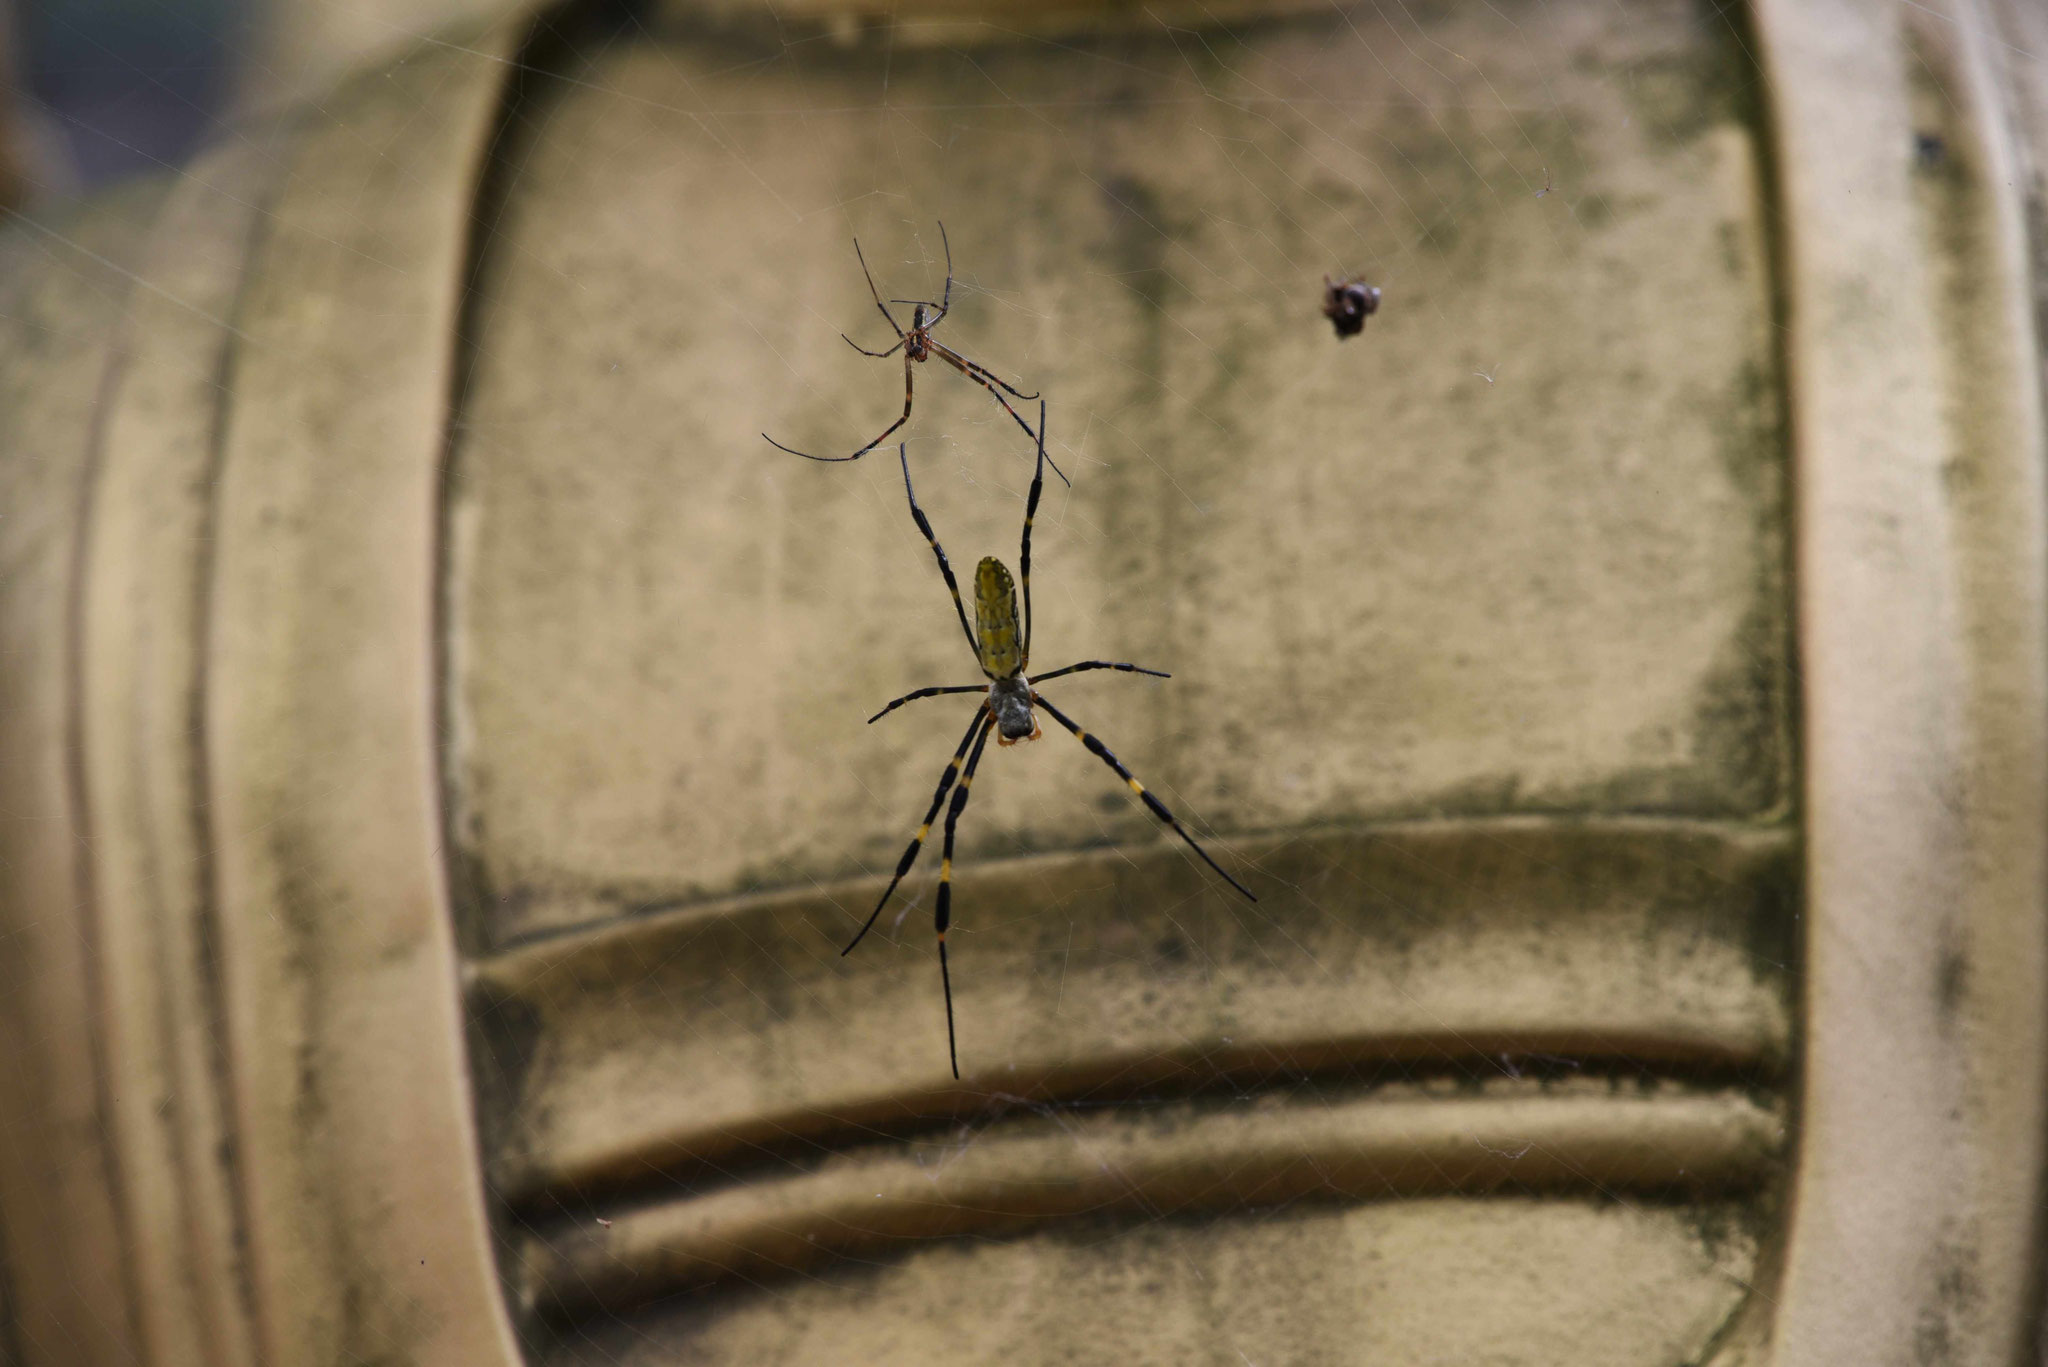 Spinne - auch sie verwendet ein Netz um zu fangen ;-)